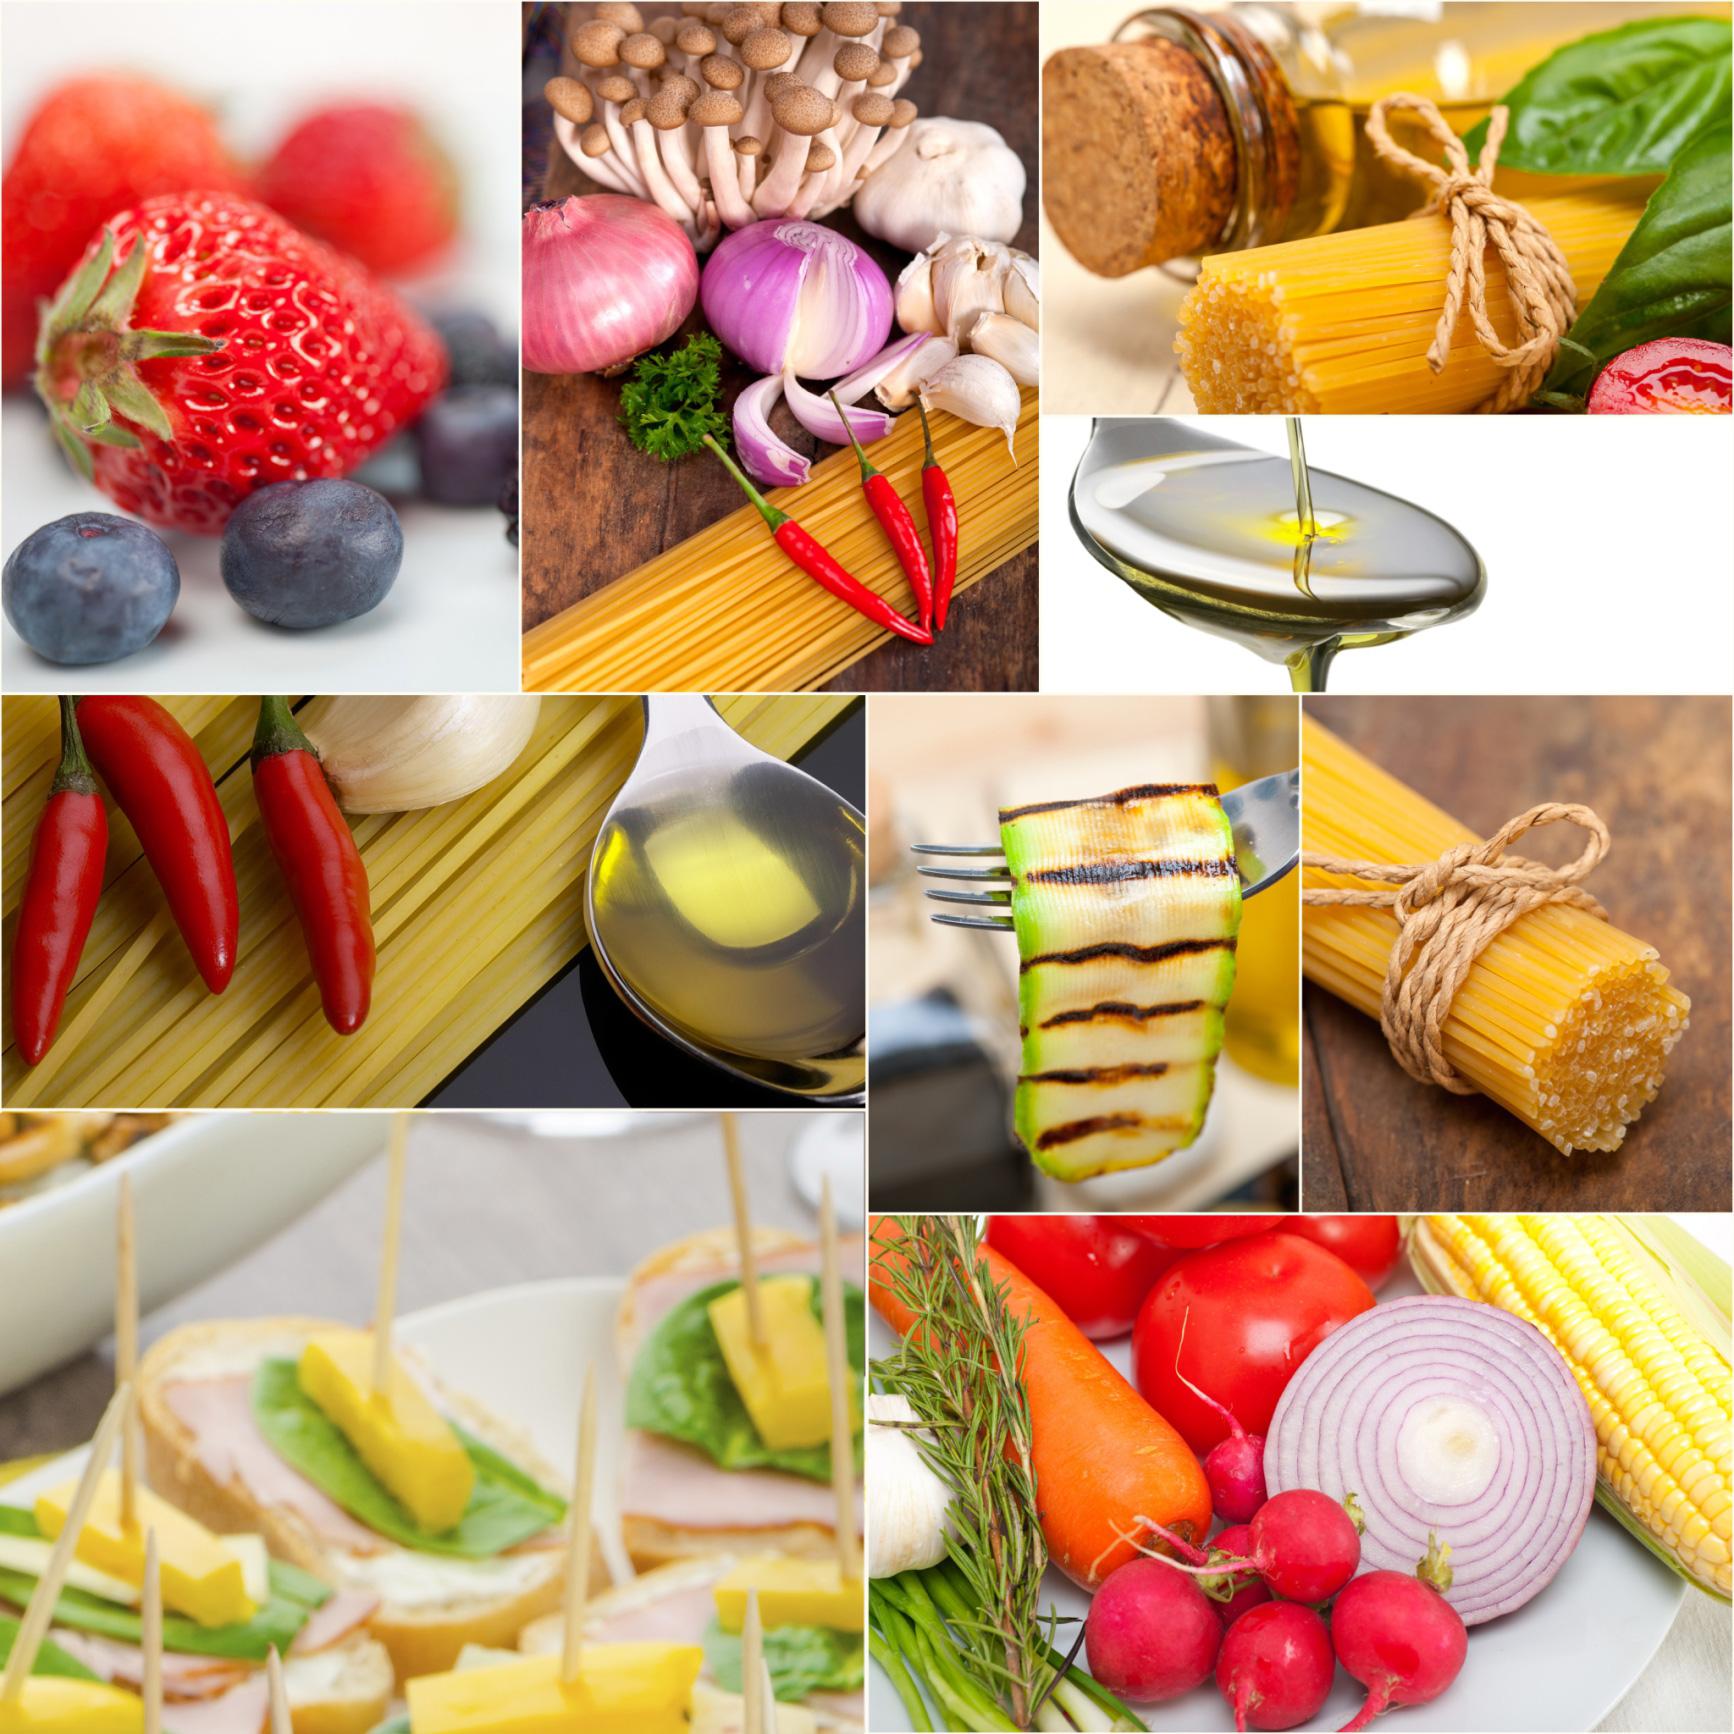 Las 10 recomendaciones de la dieta mediterranea